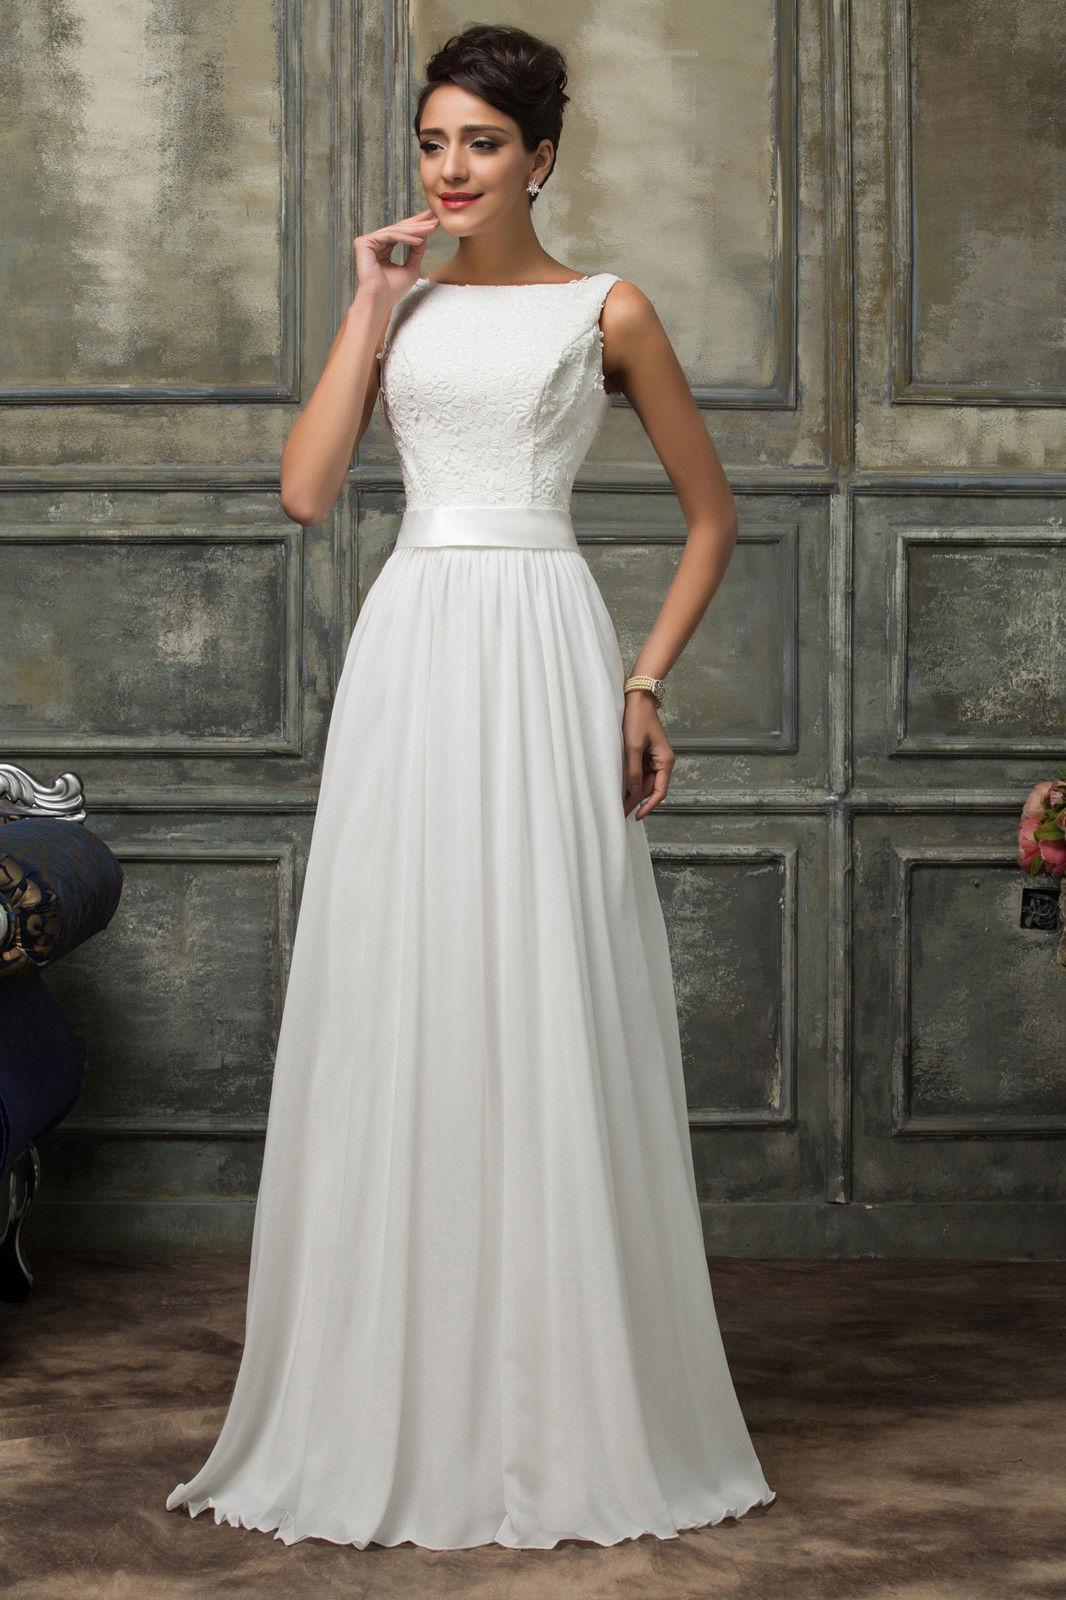 ceaf5ac7299 Bílé dlouhé svatební šaty na nižší postavu 38 M